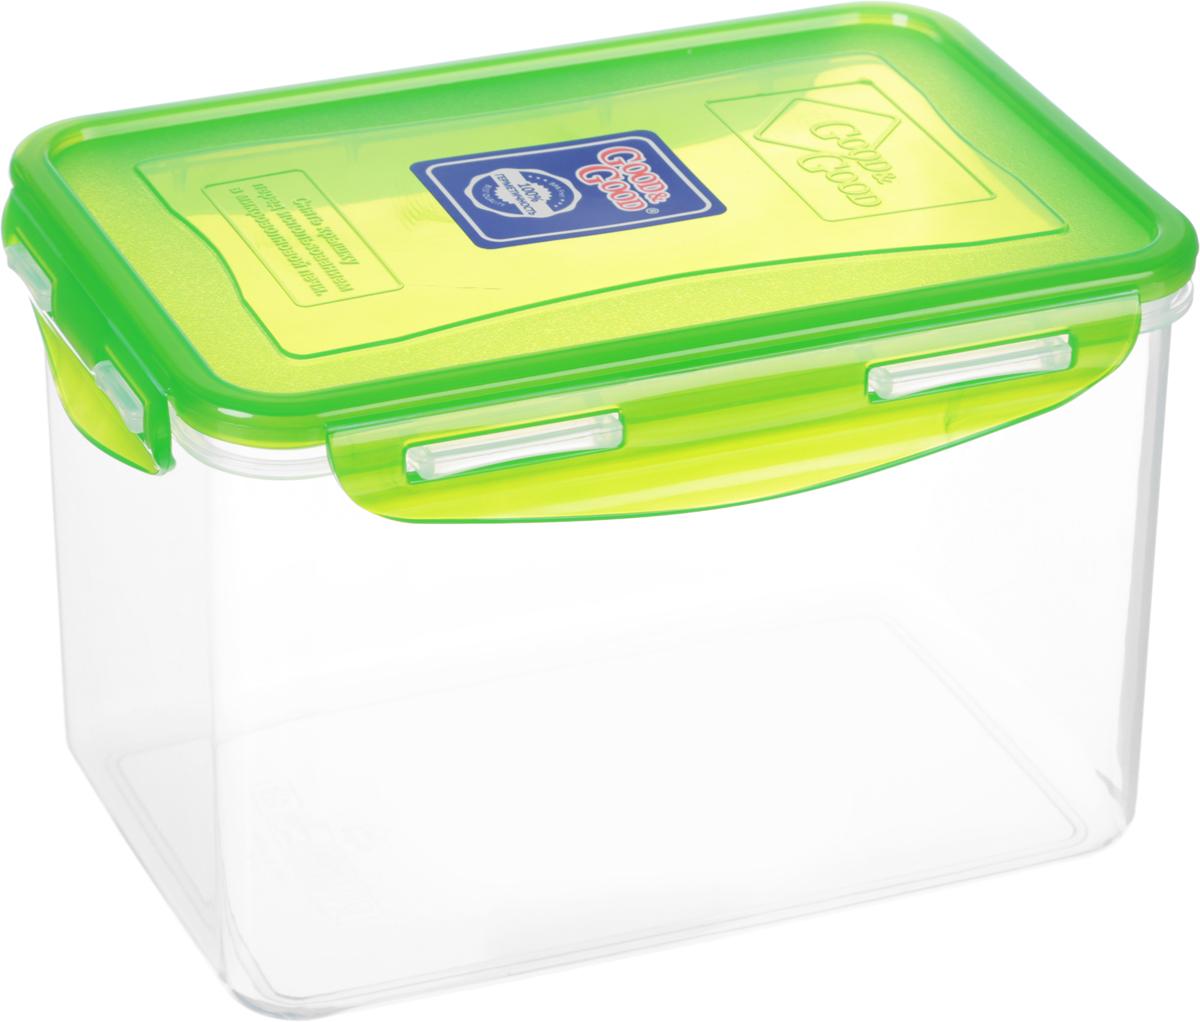 """Прямоугольный контейнер """"Good&Good"""" изготовлен из высококачественного полипропилена и предназначен для хранения любых пищевых продуктов. Благодаря особым технологиям изготовления, лотки в течение времени службы не меняют цвет и не пропитываются запахами. Крышка с силиконовой вставкой герметично защелкивается специальным механизмом.  Контейнер """"Good&Good"""" удобен для ежедневного использования в быту. Можно мыть в посудомоечной машине и использовать в микроволновой печи. Размер контейнера (с учетом крышки): 20 х 13,5 х 13 см."""